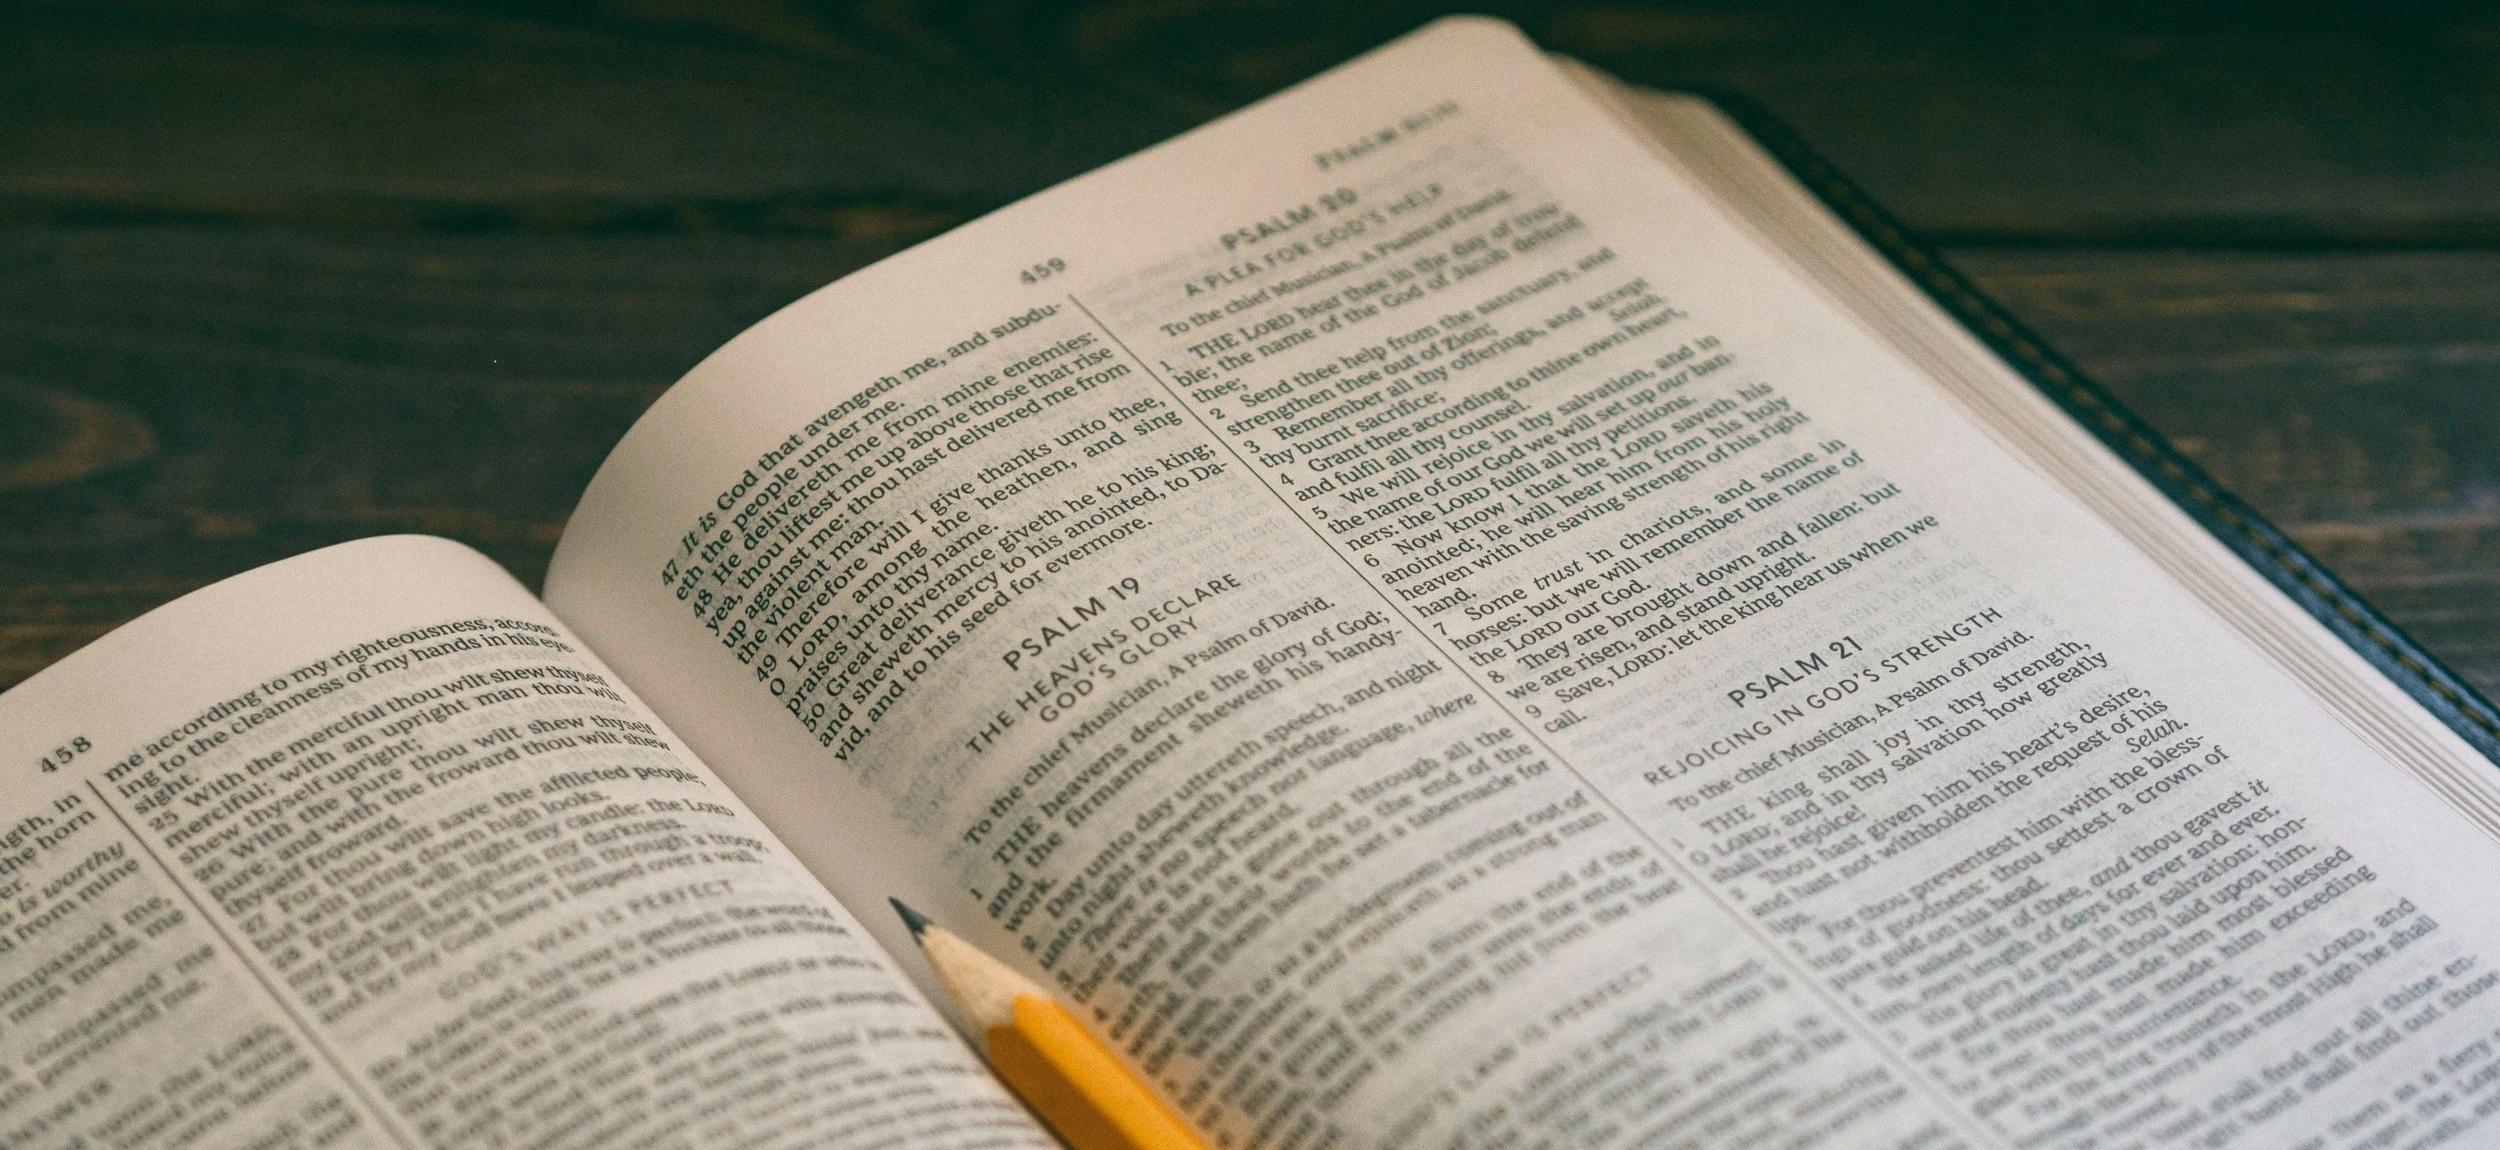 Biblical -